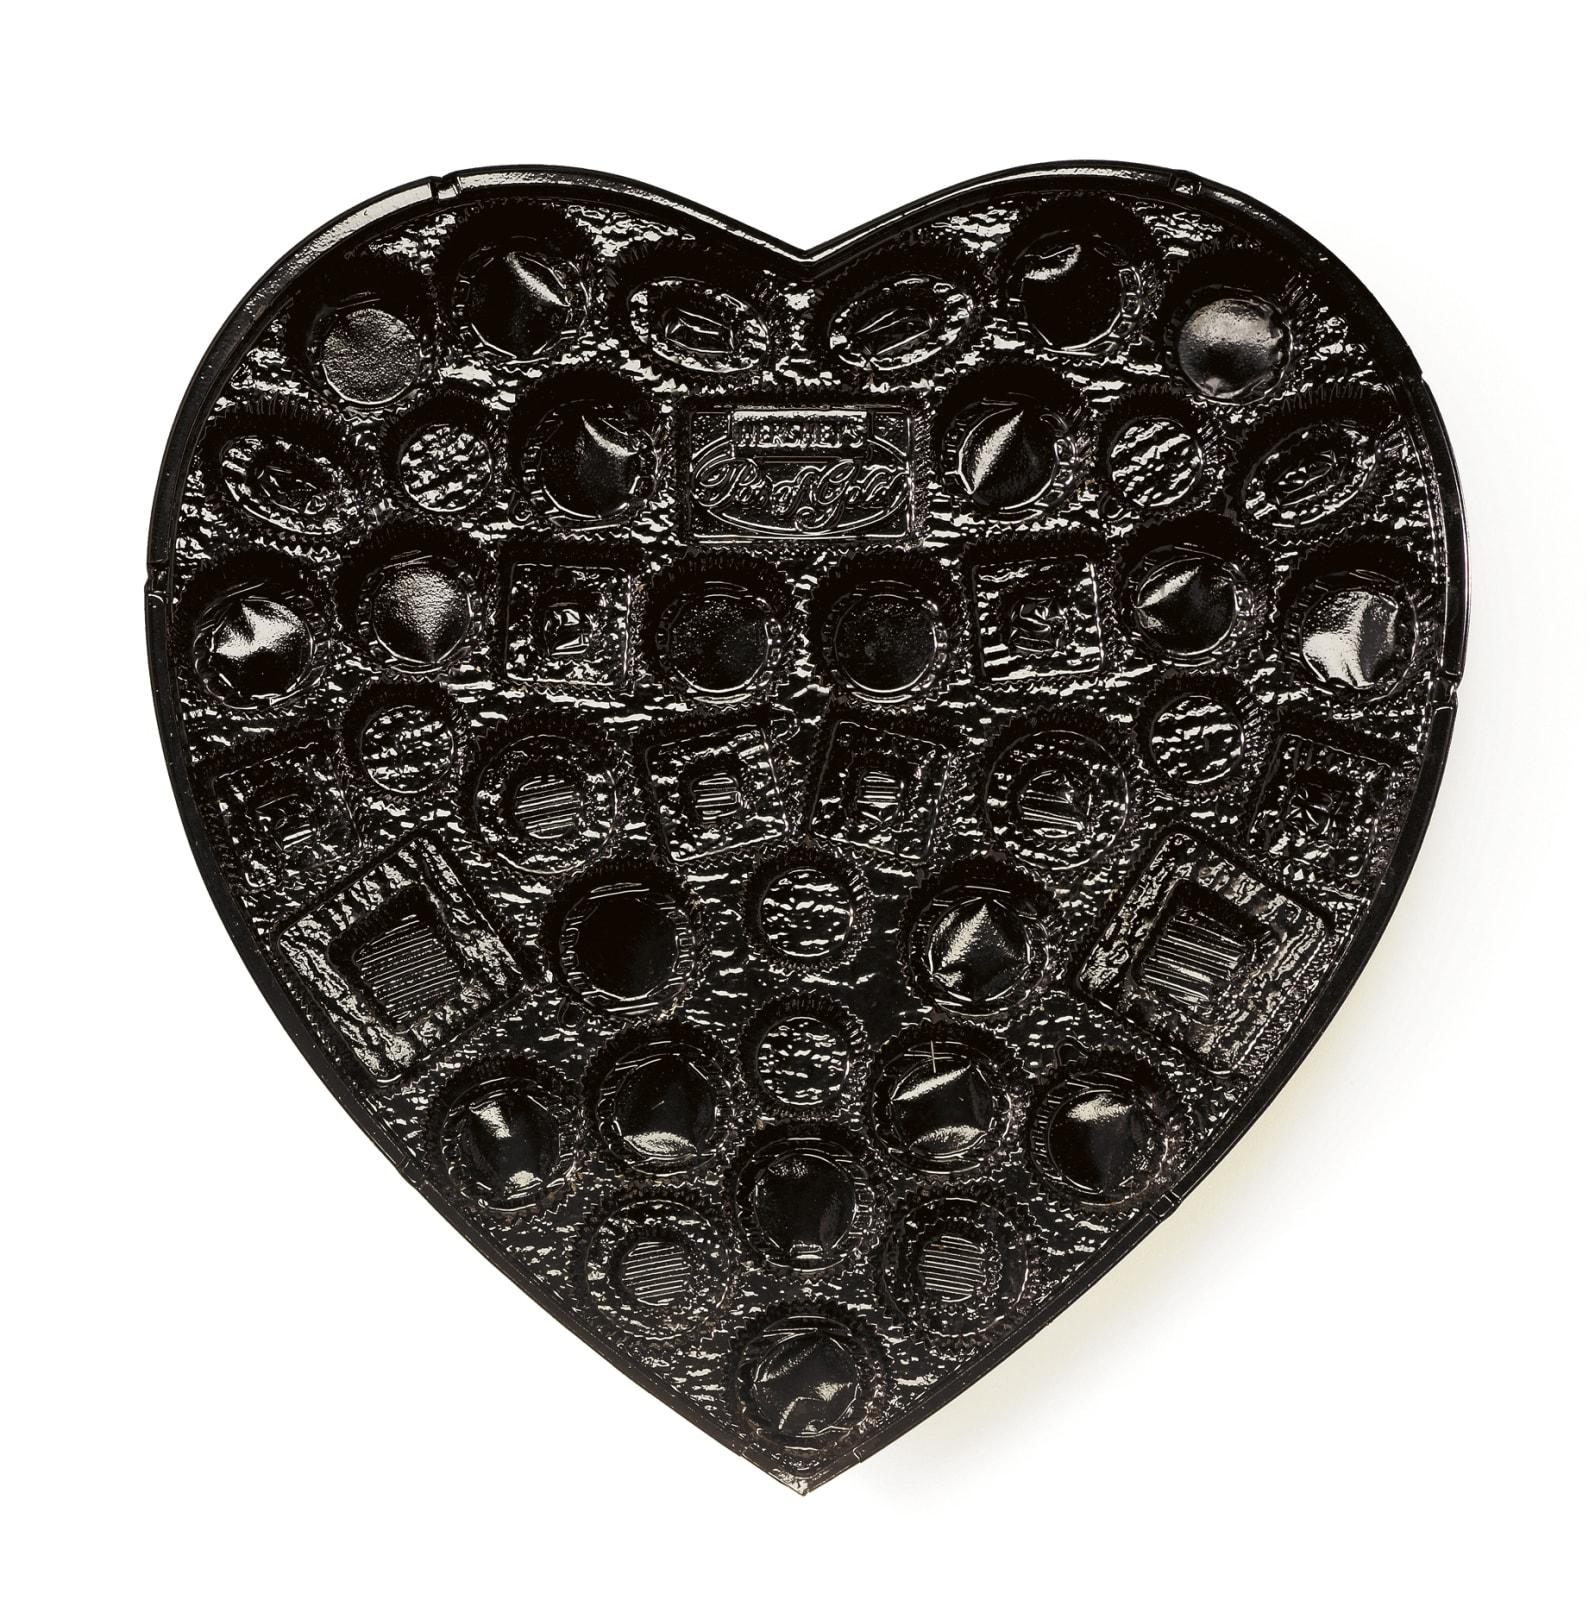 Chuck Ramirez, Candy Tray: Black Heart, 2008